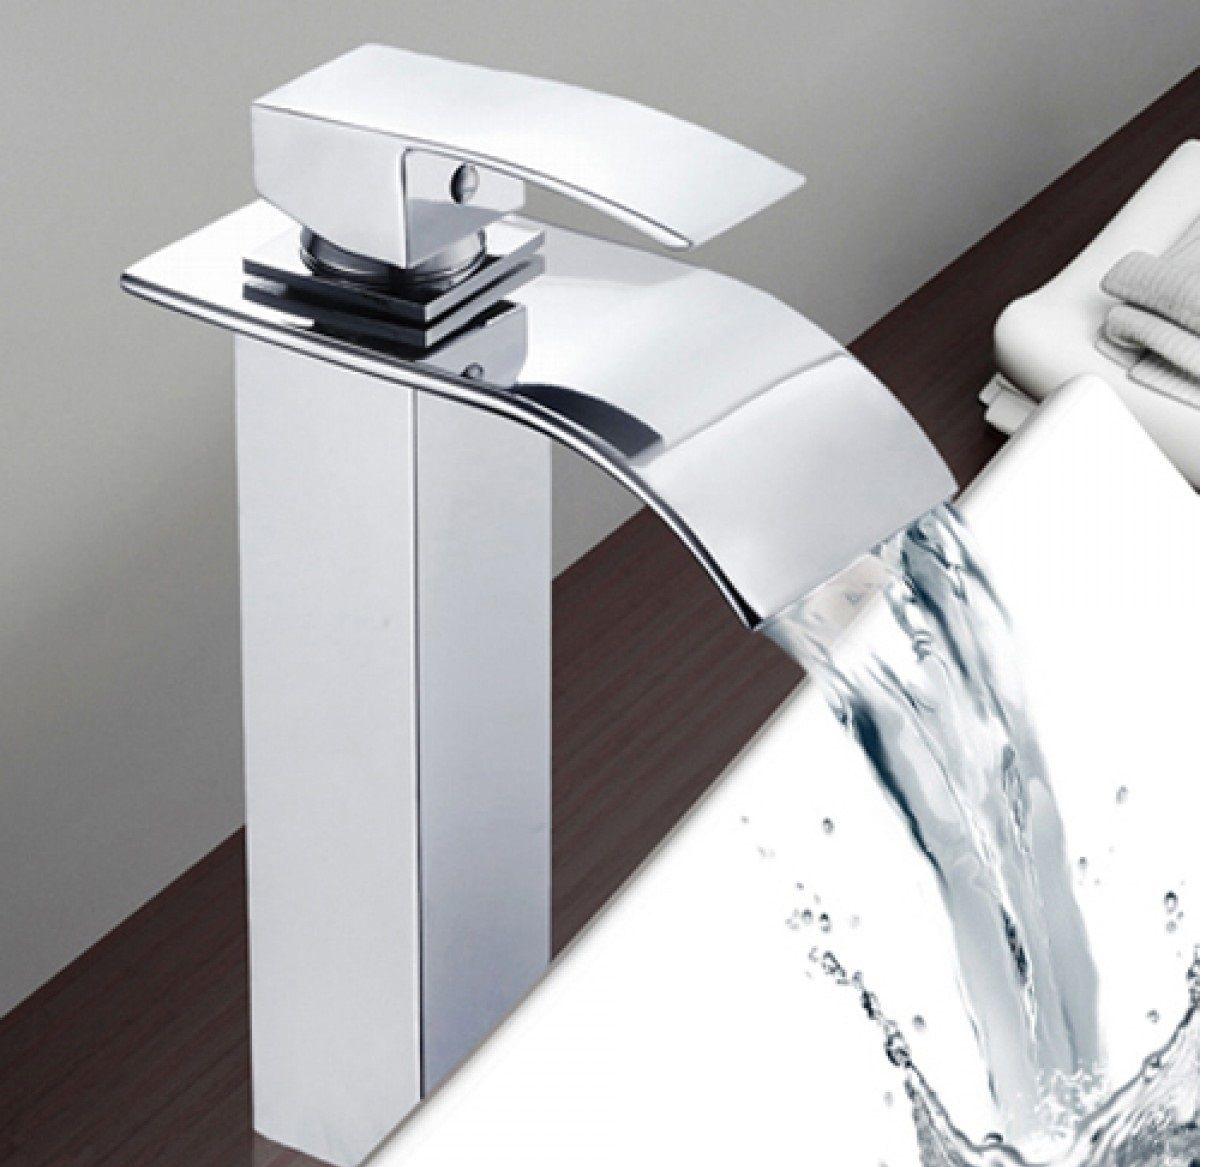 Ikea rubinetti ikea rubinetti ikea rubinetti faretti per bagno ikea - Rubinetti cucina ikea ...